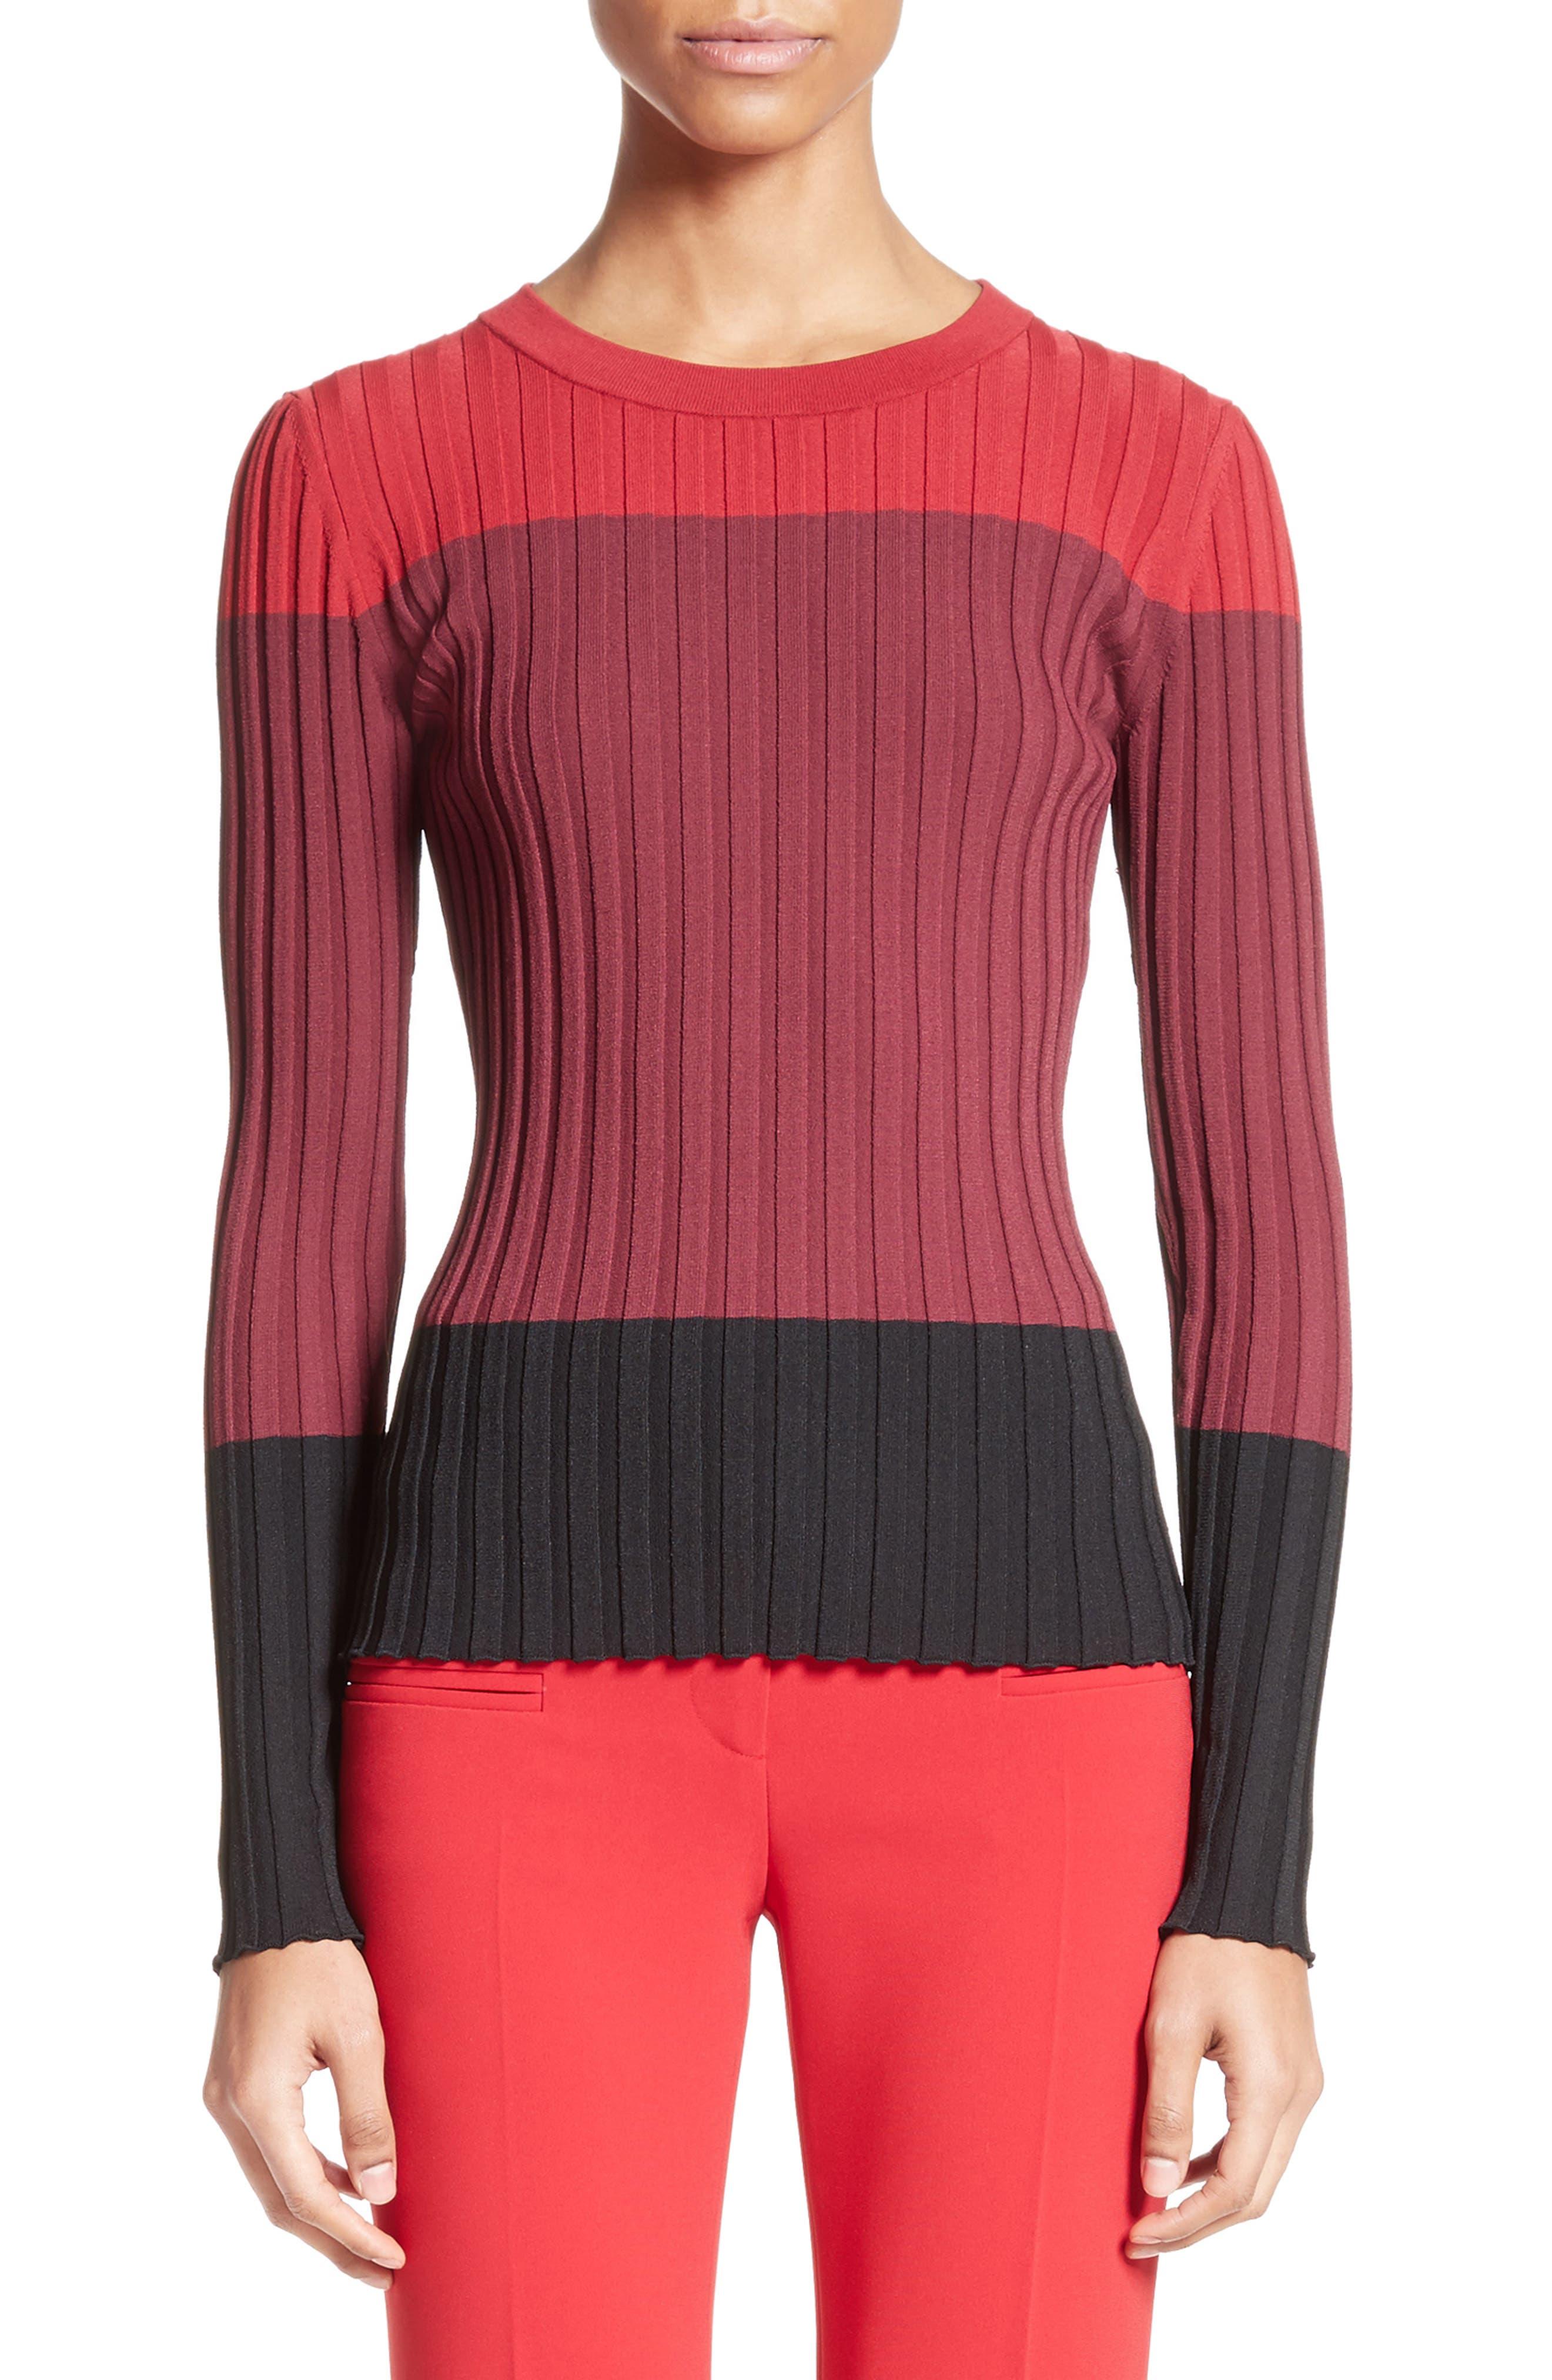 Altuzarra Leila Colorblock Knit Sweater